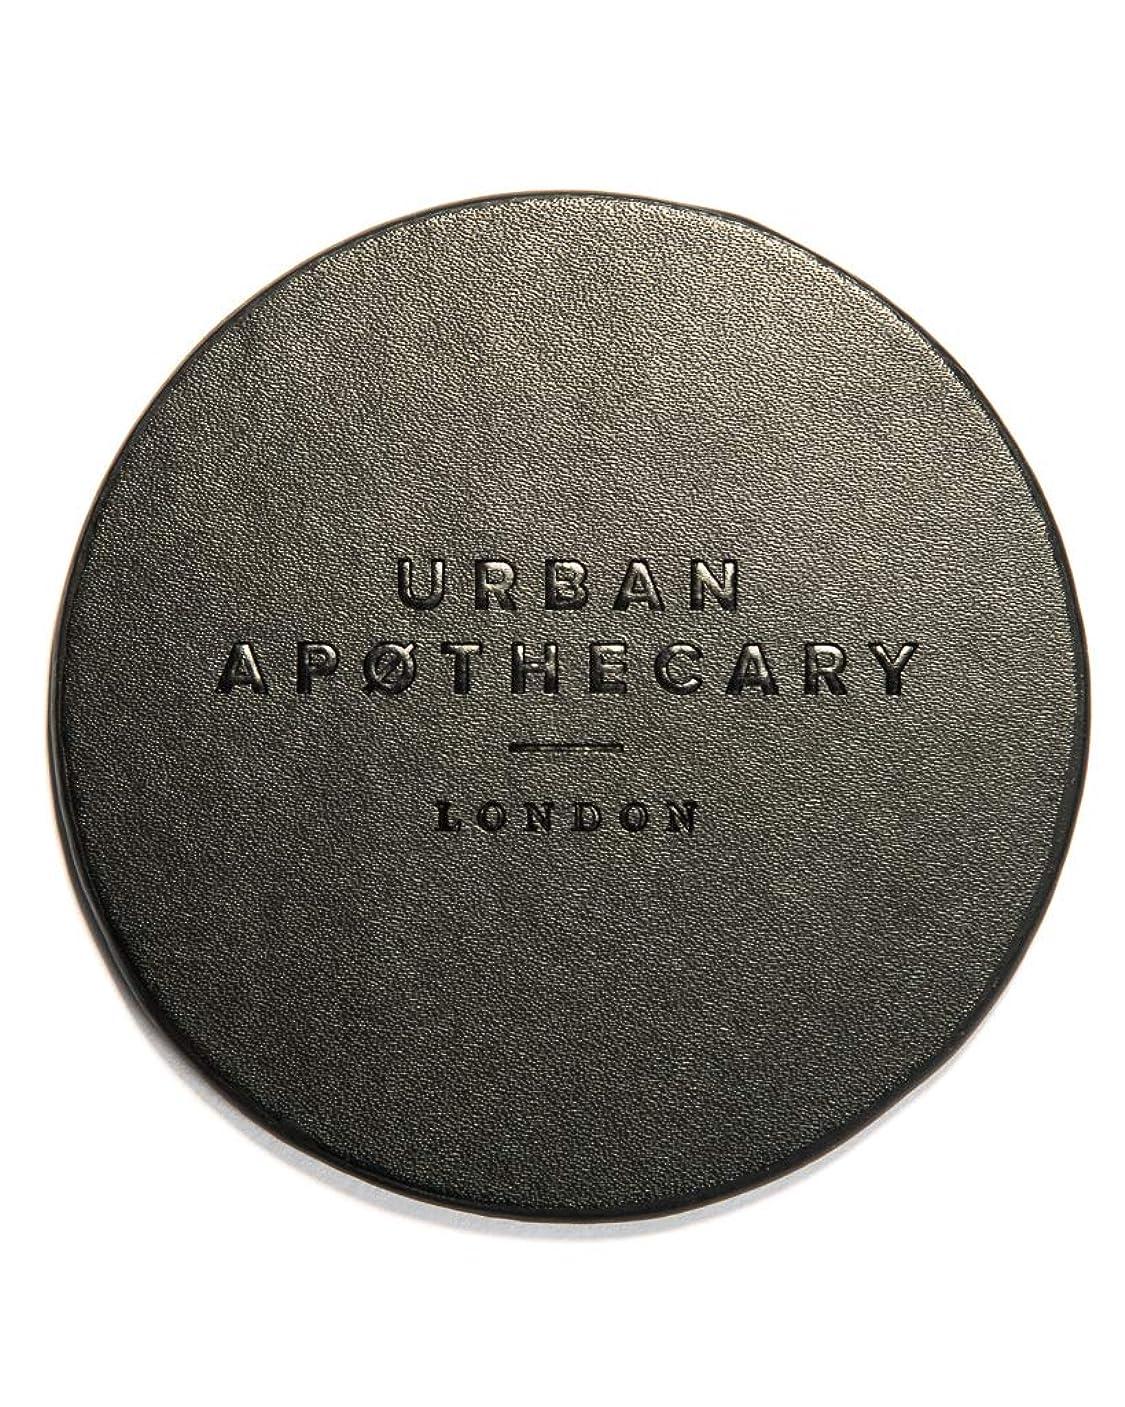 時々時々レガシー租界URBAN APOTHECARY キャンドル&ディフューザー コースター